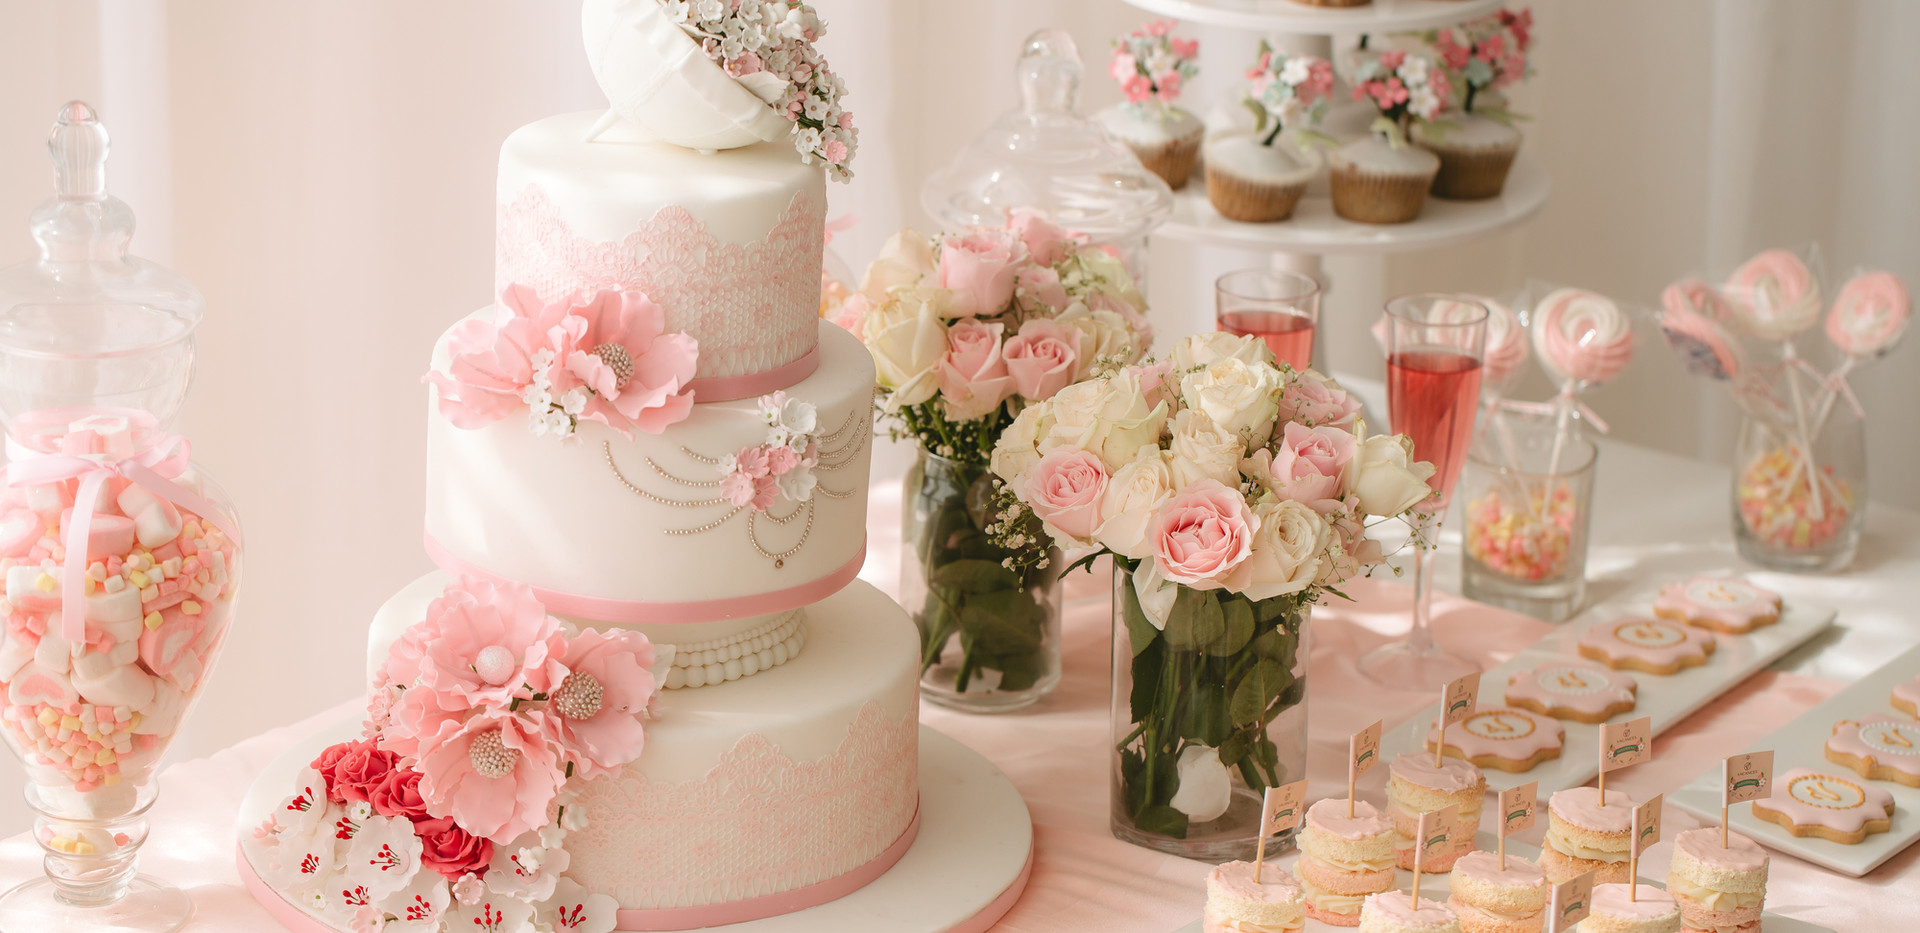 婚禮甜品台